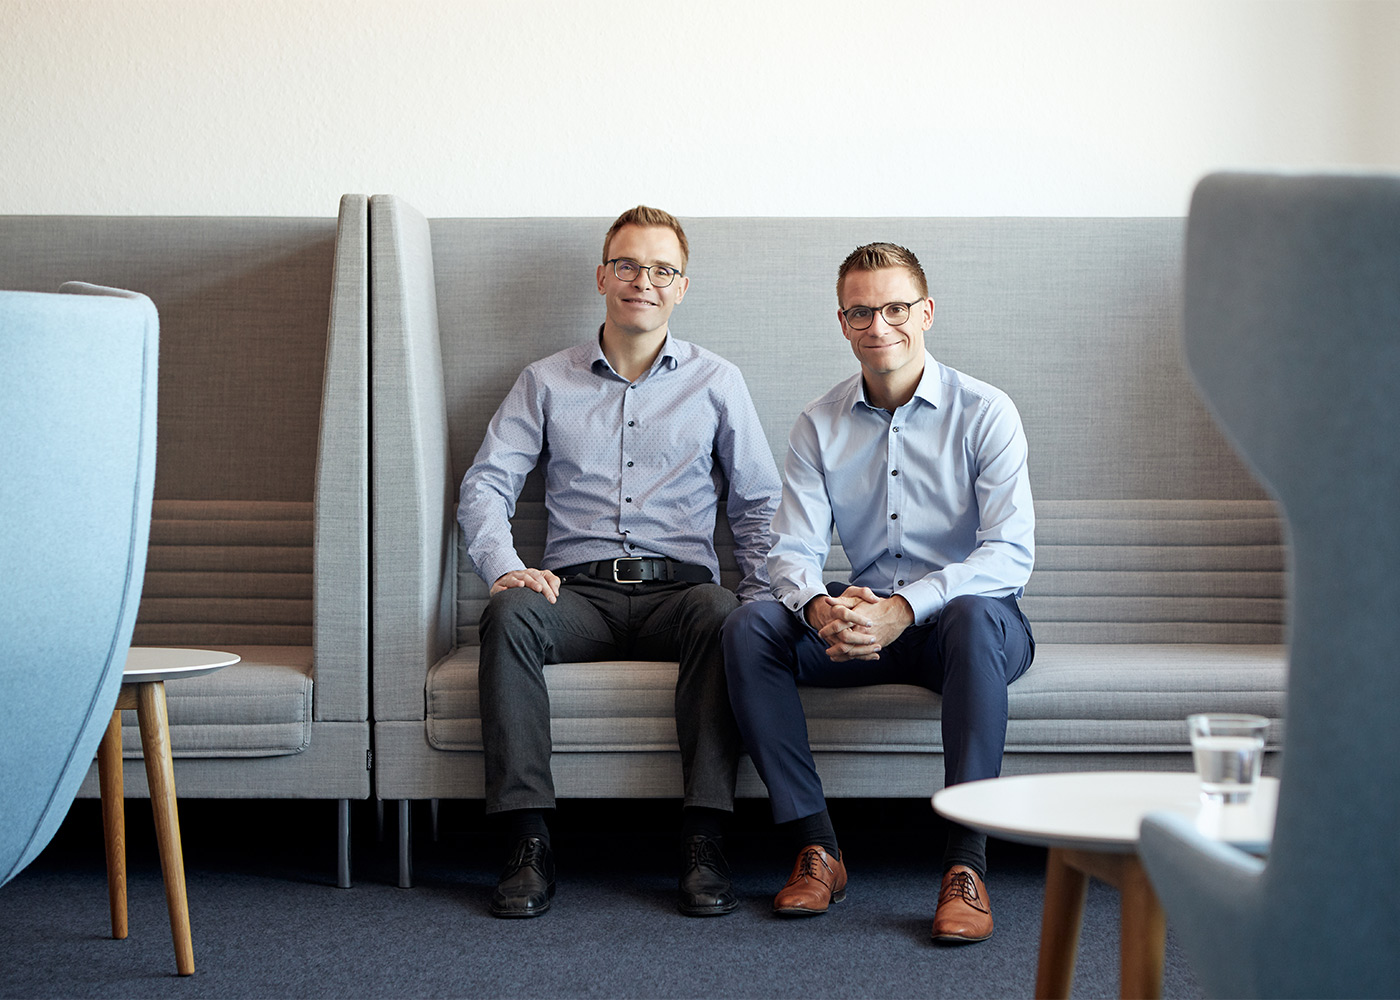 Geschäftsführer Jochen und Klaus Raab   Raab IT Systemhaus – seit 1988 in Gerstetten   designQUARTIER   Foto: Florian Thierer